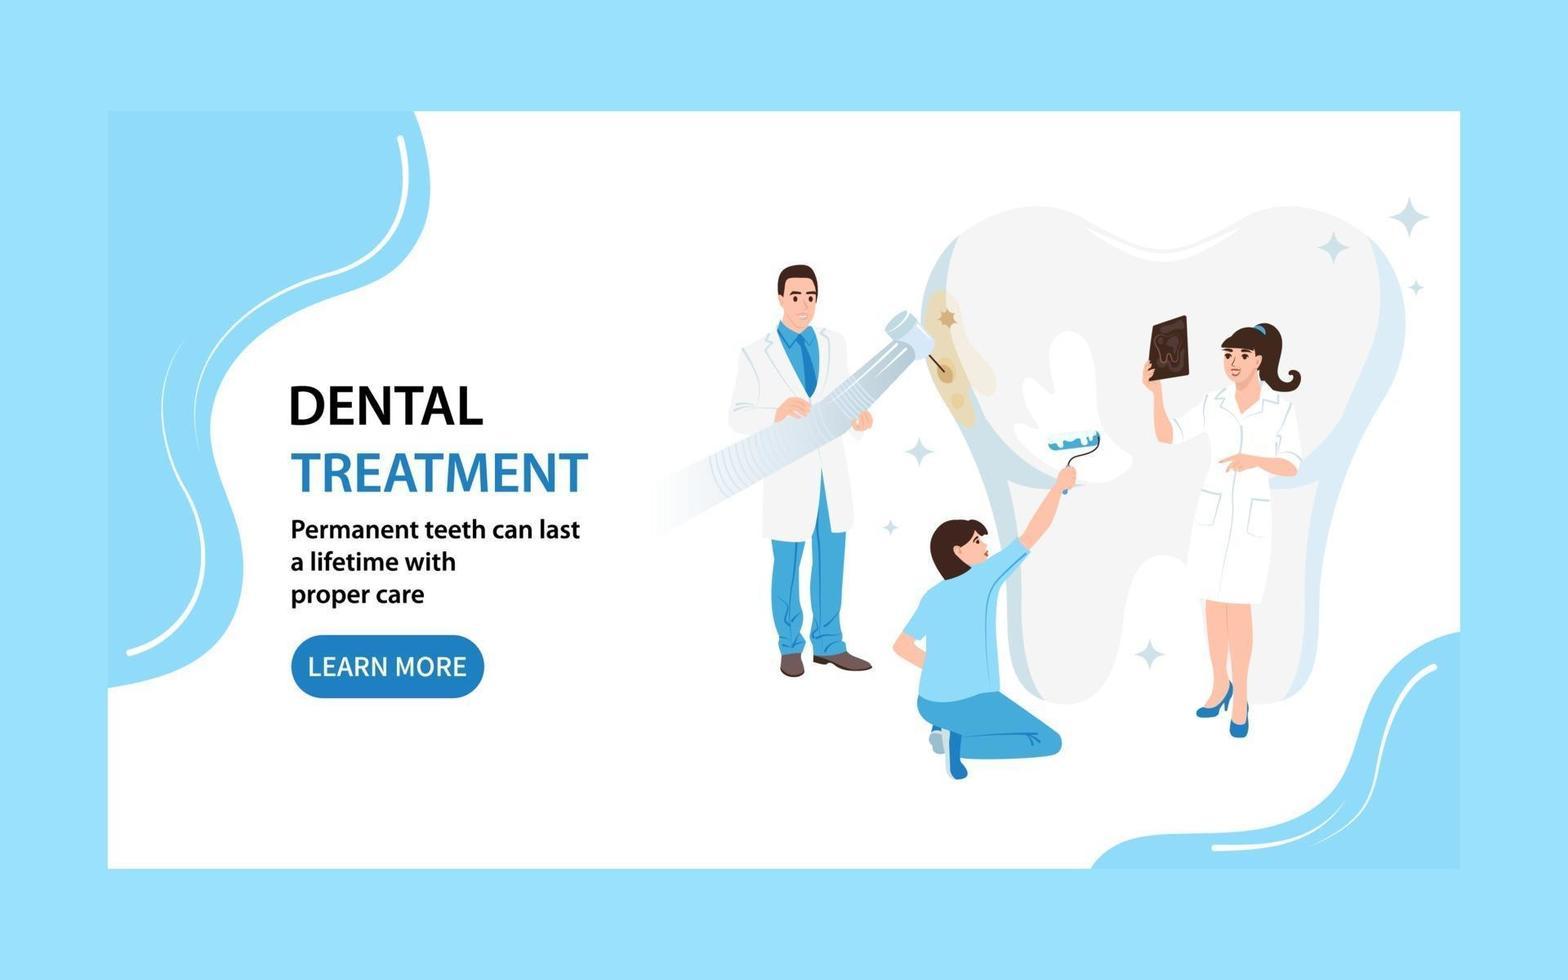 page de destination des soins dentaires. les dentistes de bannière Web prennent soin de la dent. illustration vectorielle plane vecteur